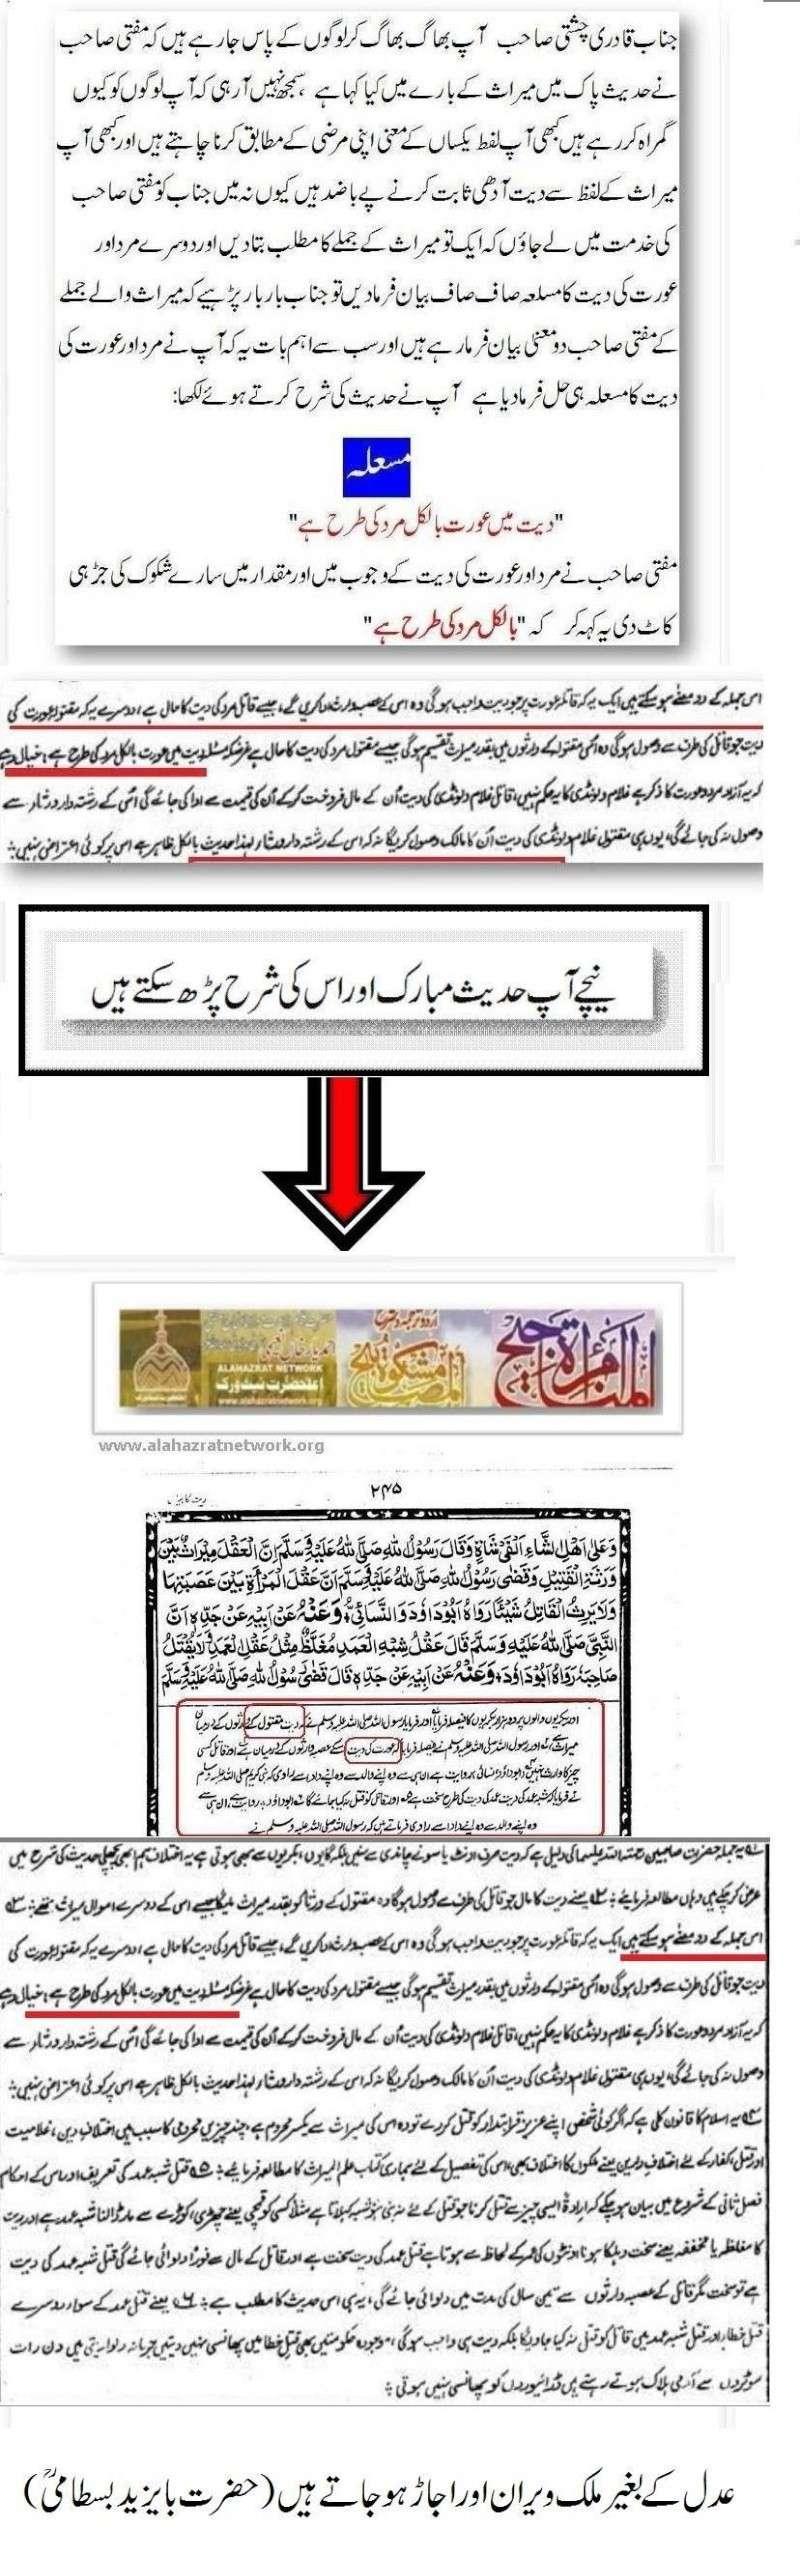 mufti iqdadar khan naeymi 4x50010